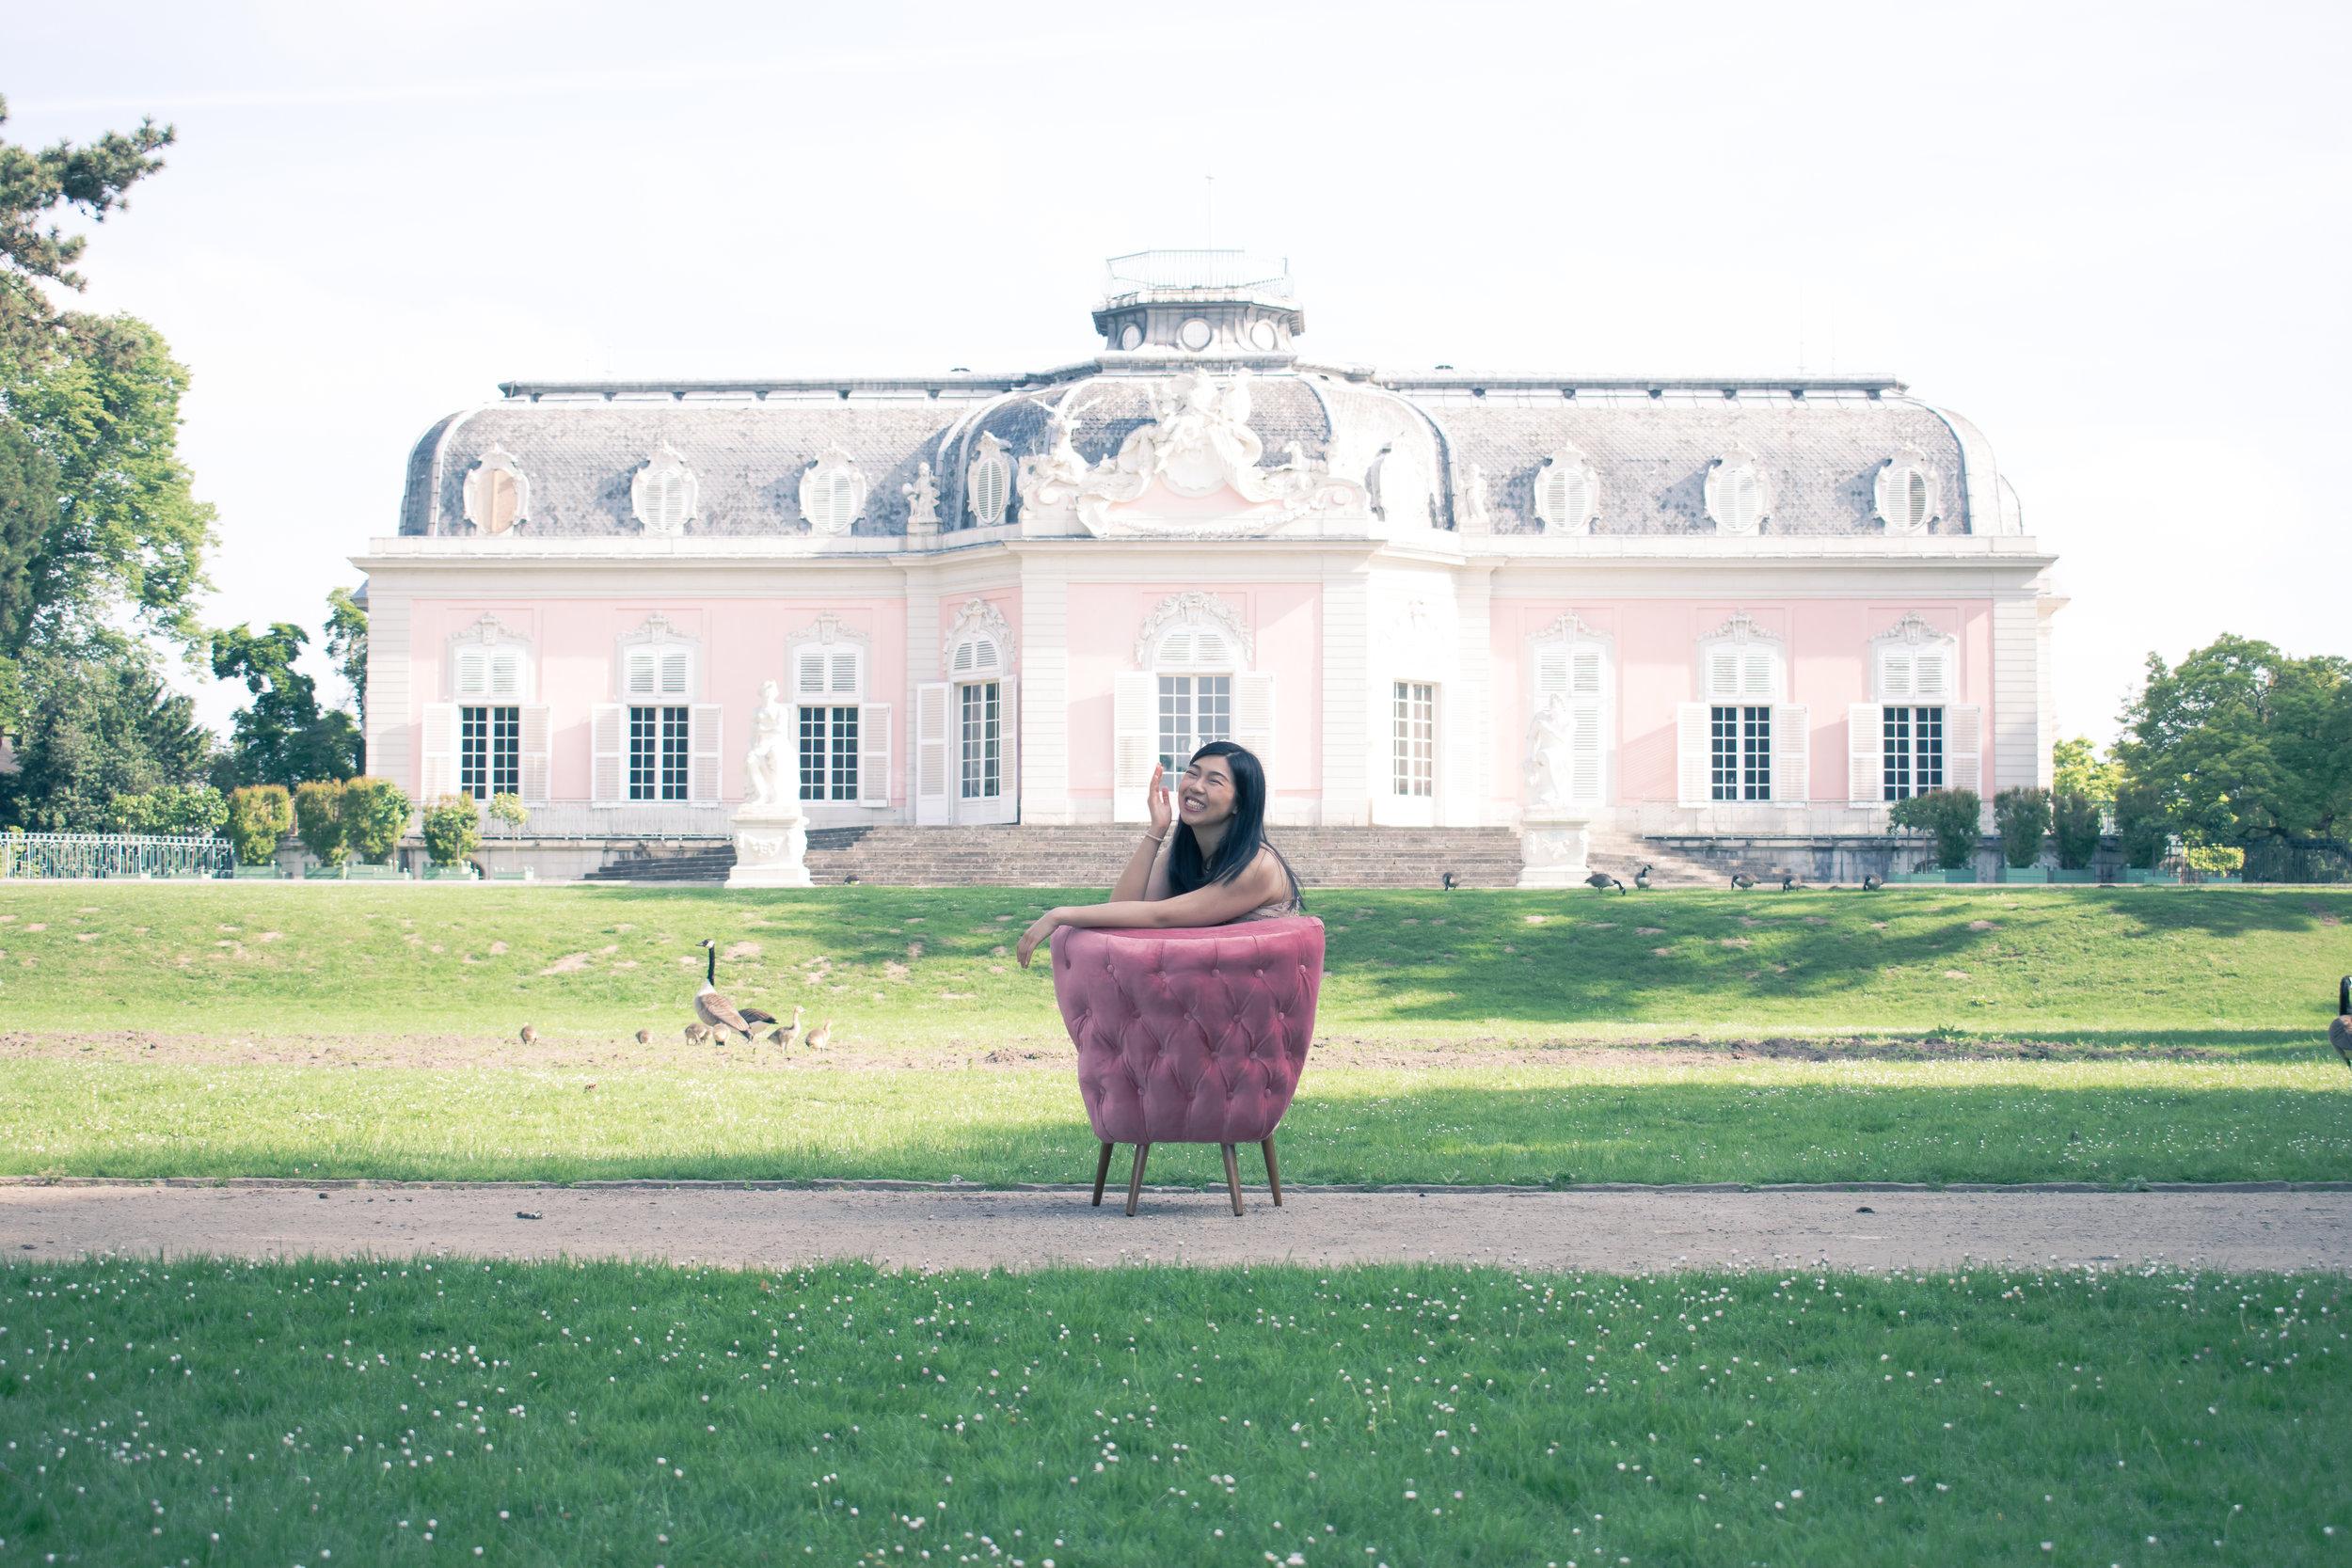 Benrath Schloss, Dusseldorf